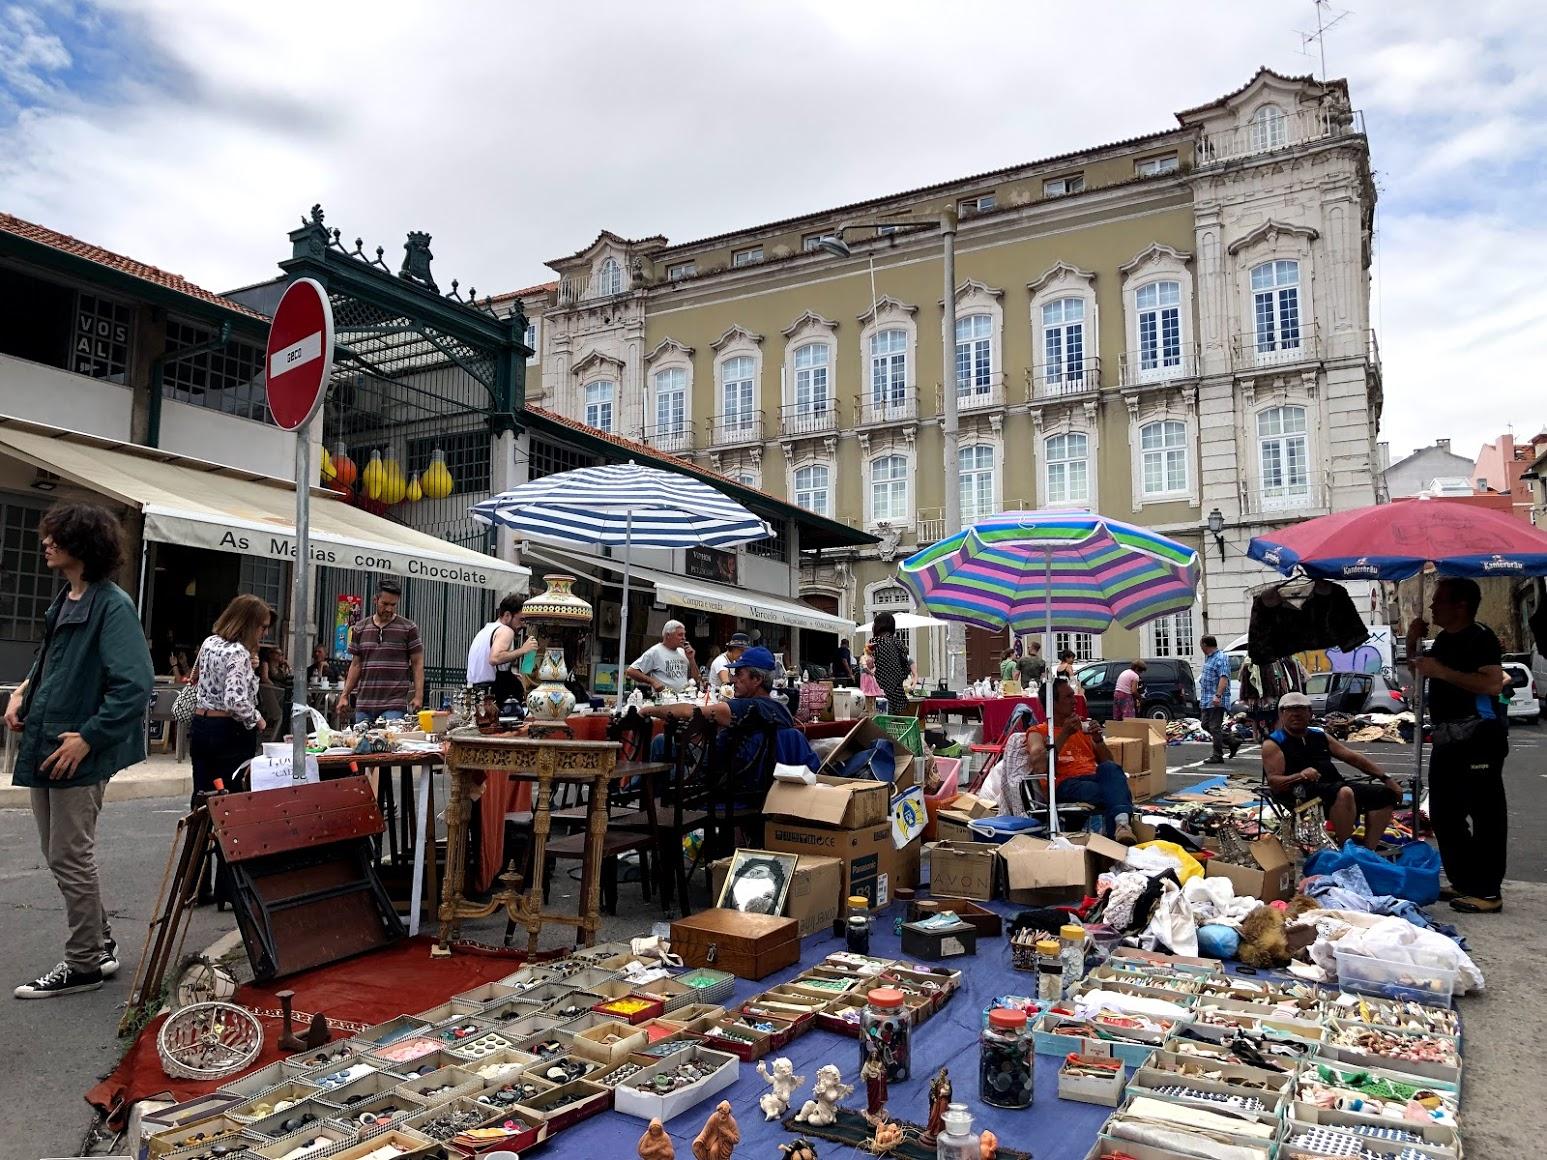 Mercado de pulgas lisboa